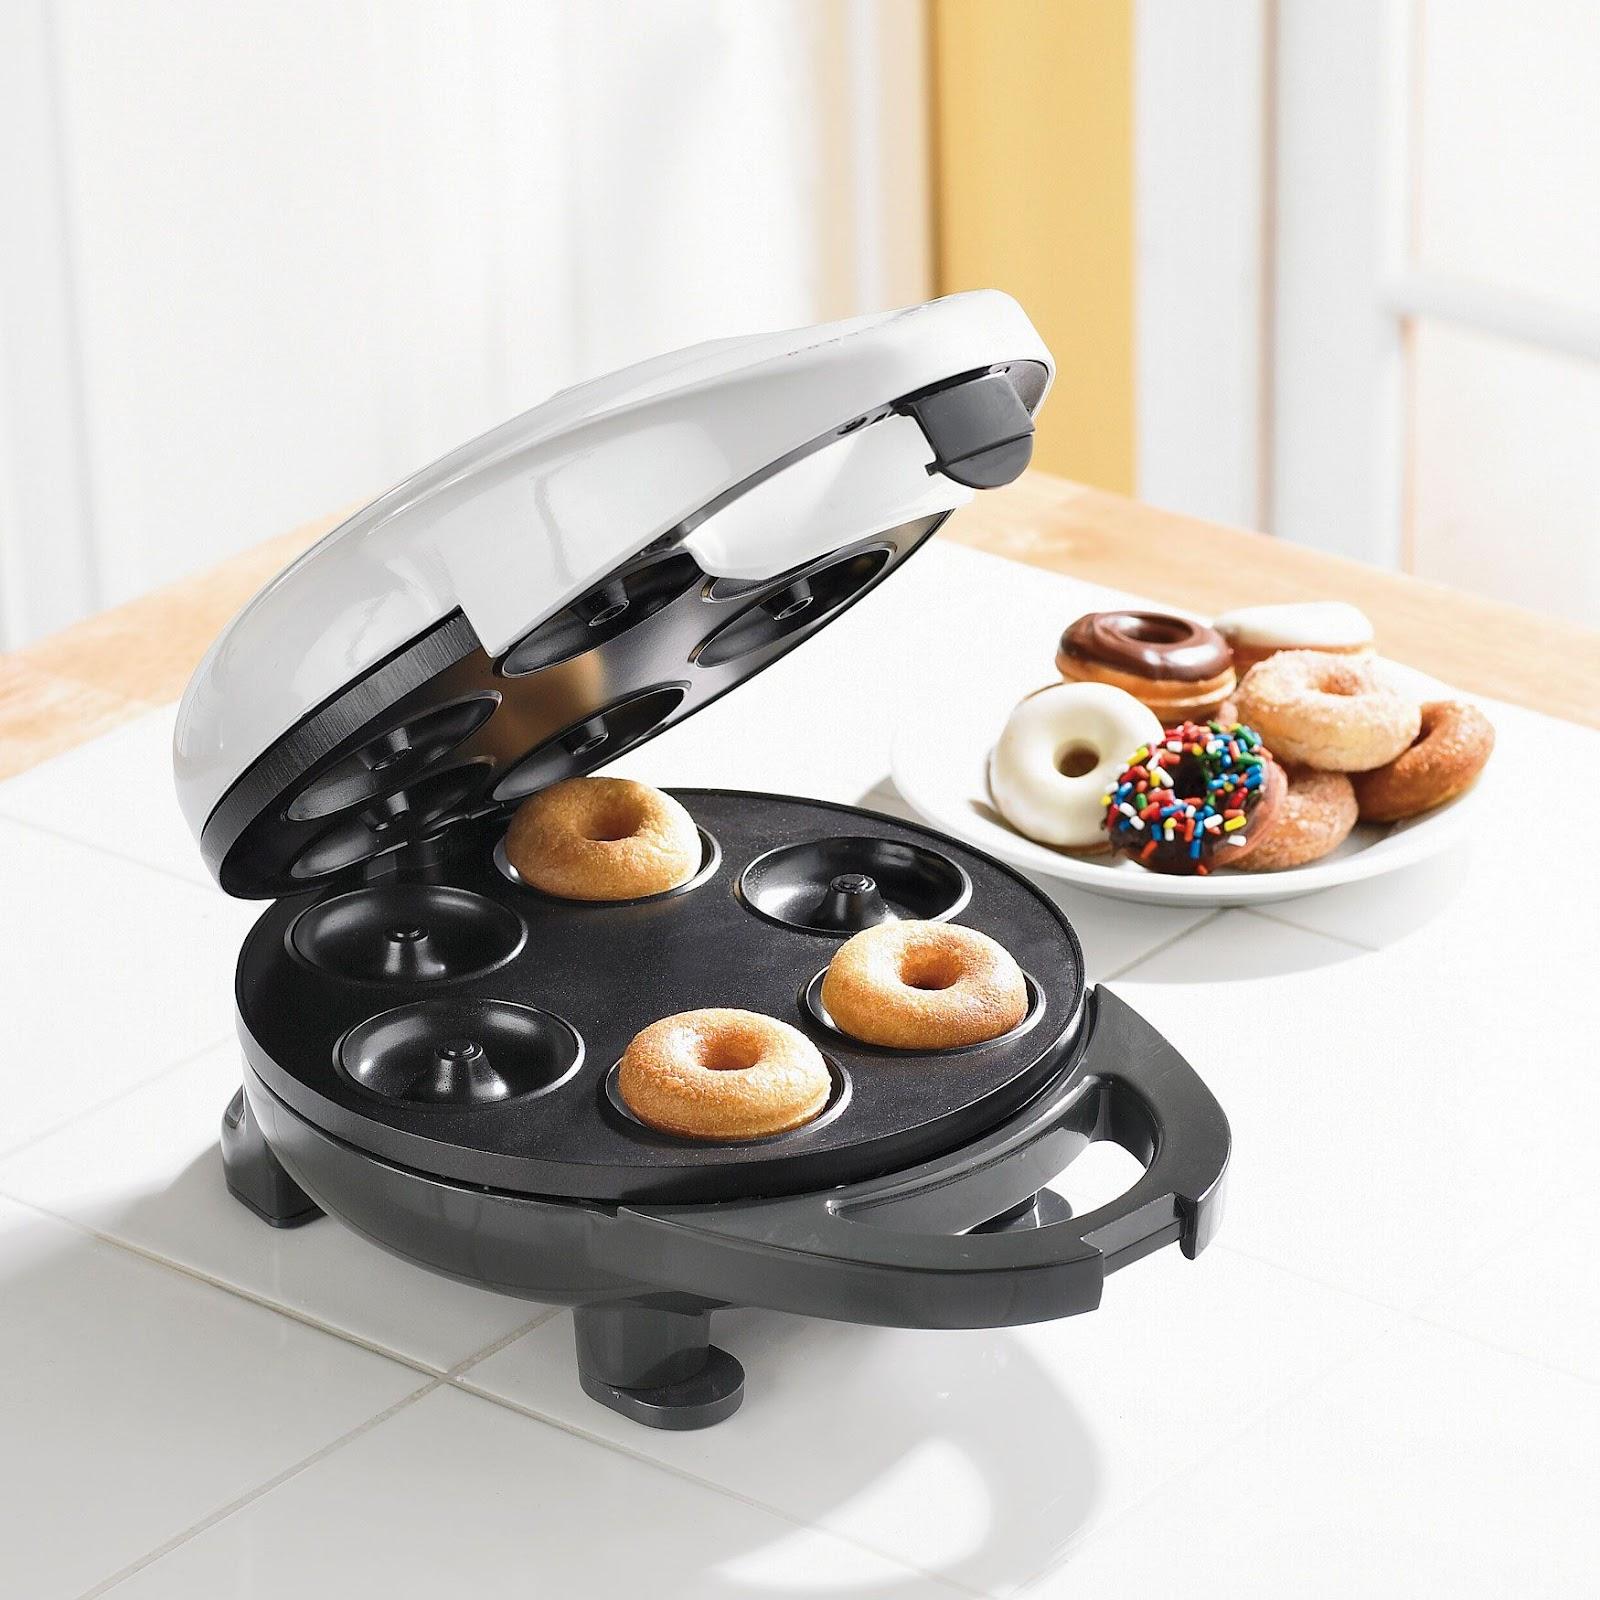 Рецепт для пончиков аппарата